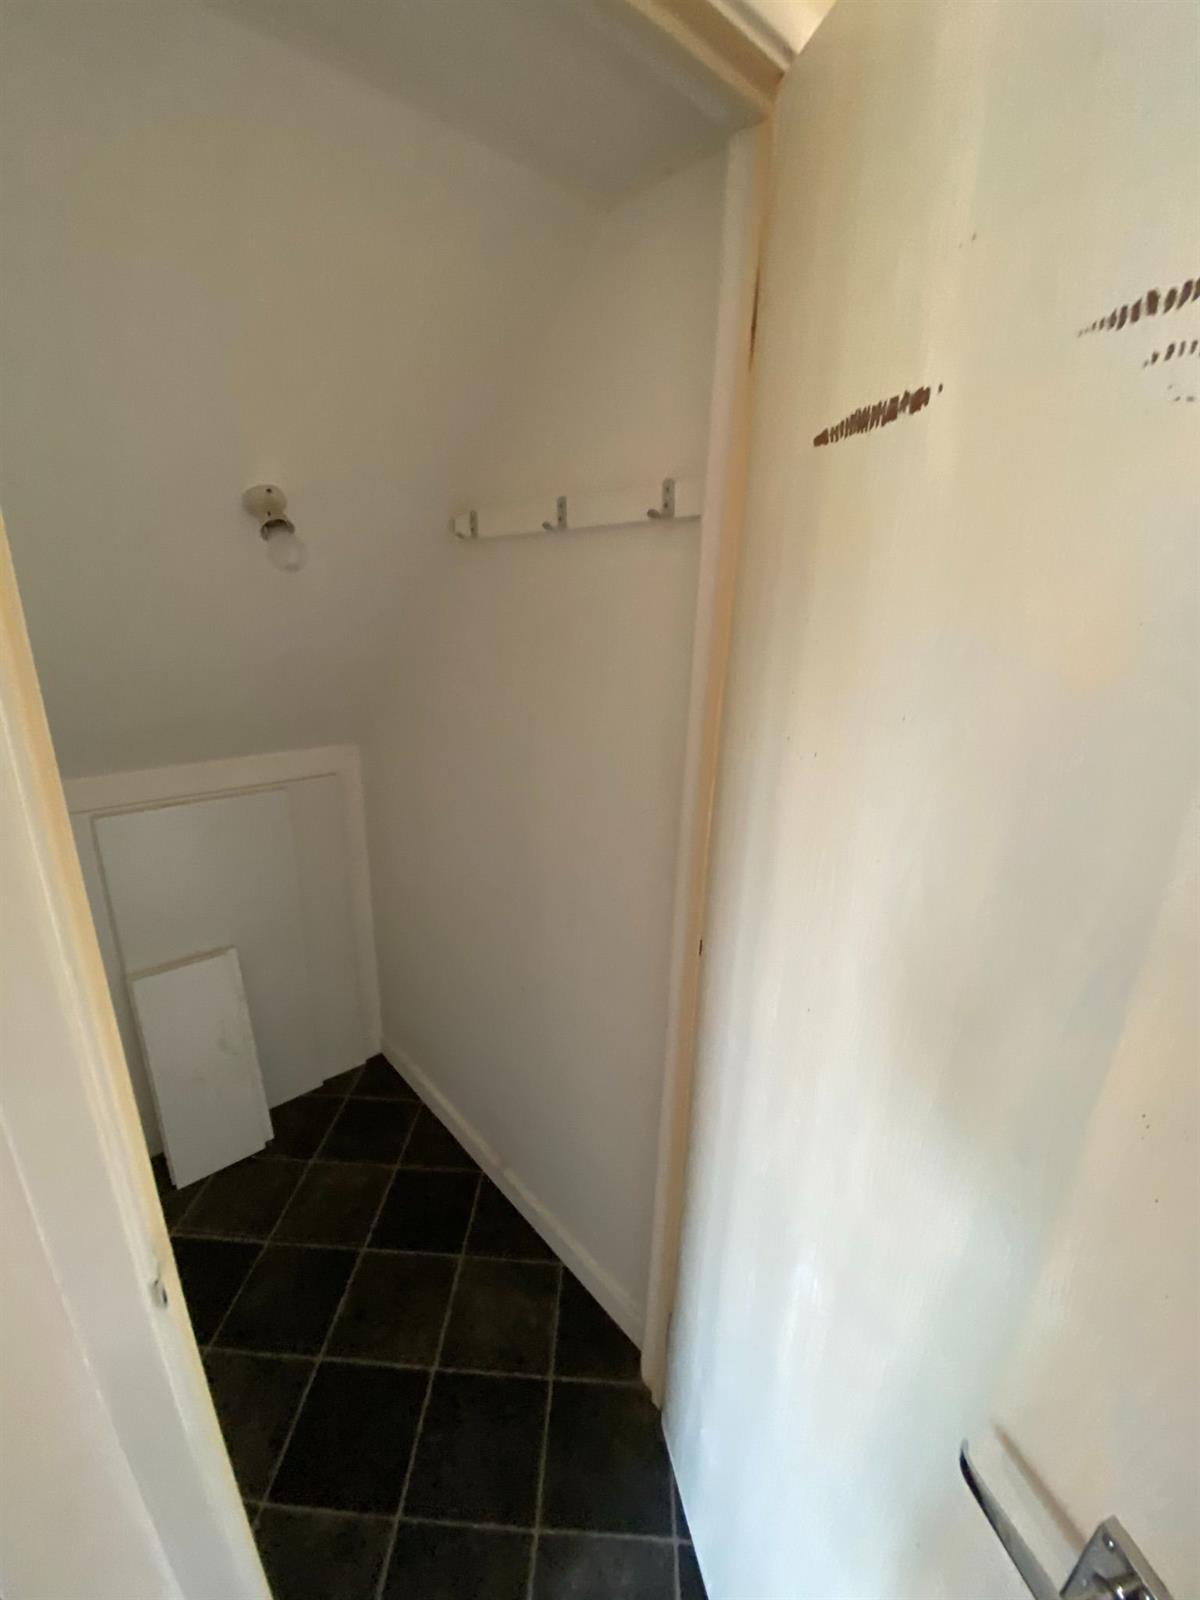 To Let - 2 bedroom Semi-detached house, Stretton Close, Doncaster - £650 pcm